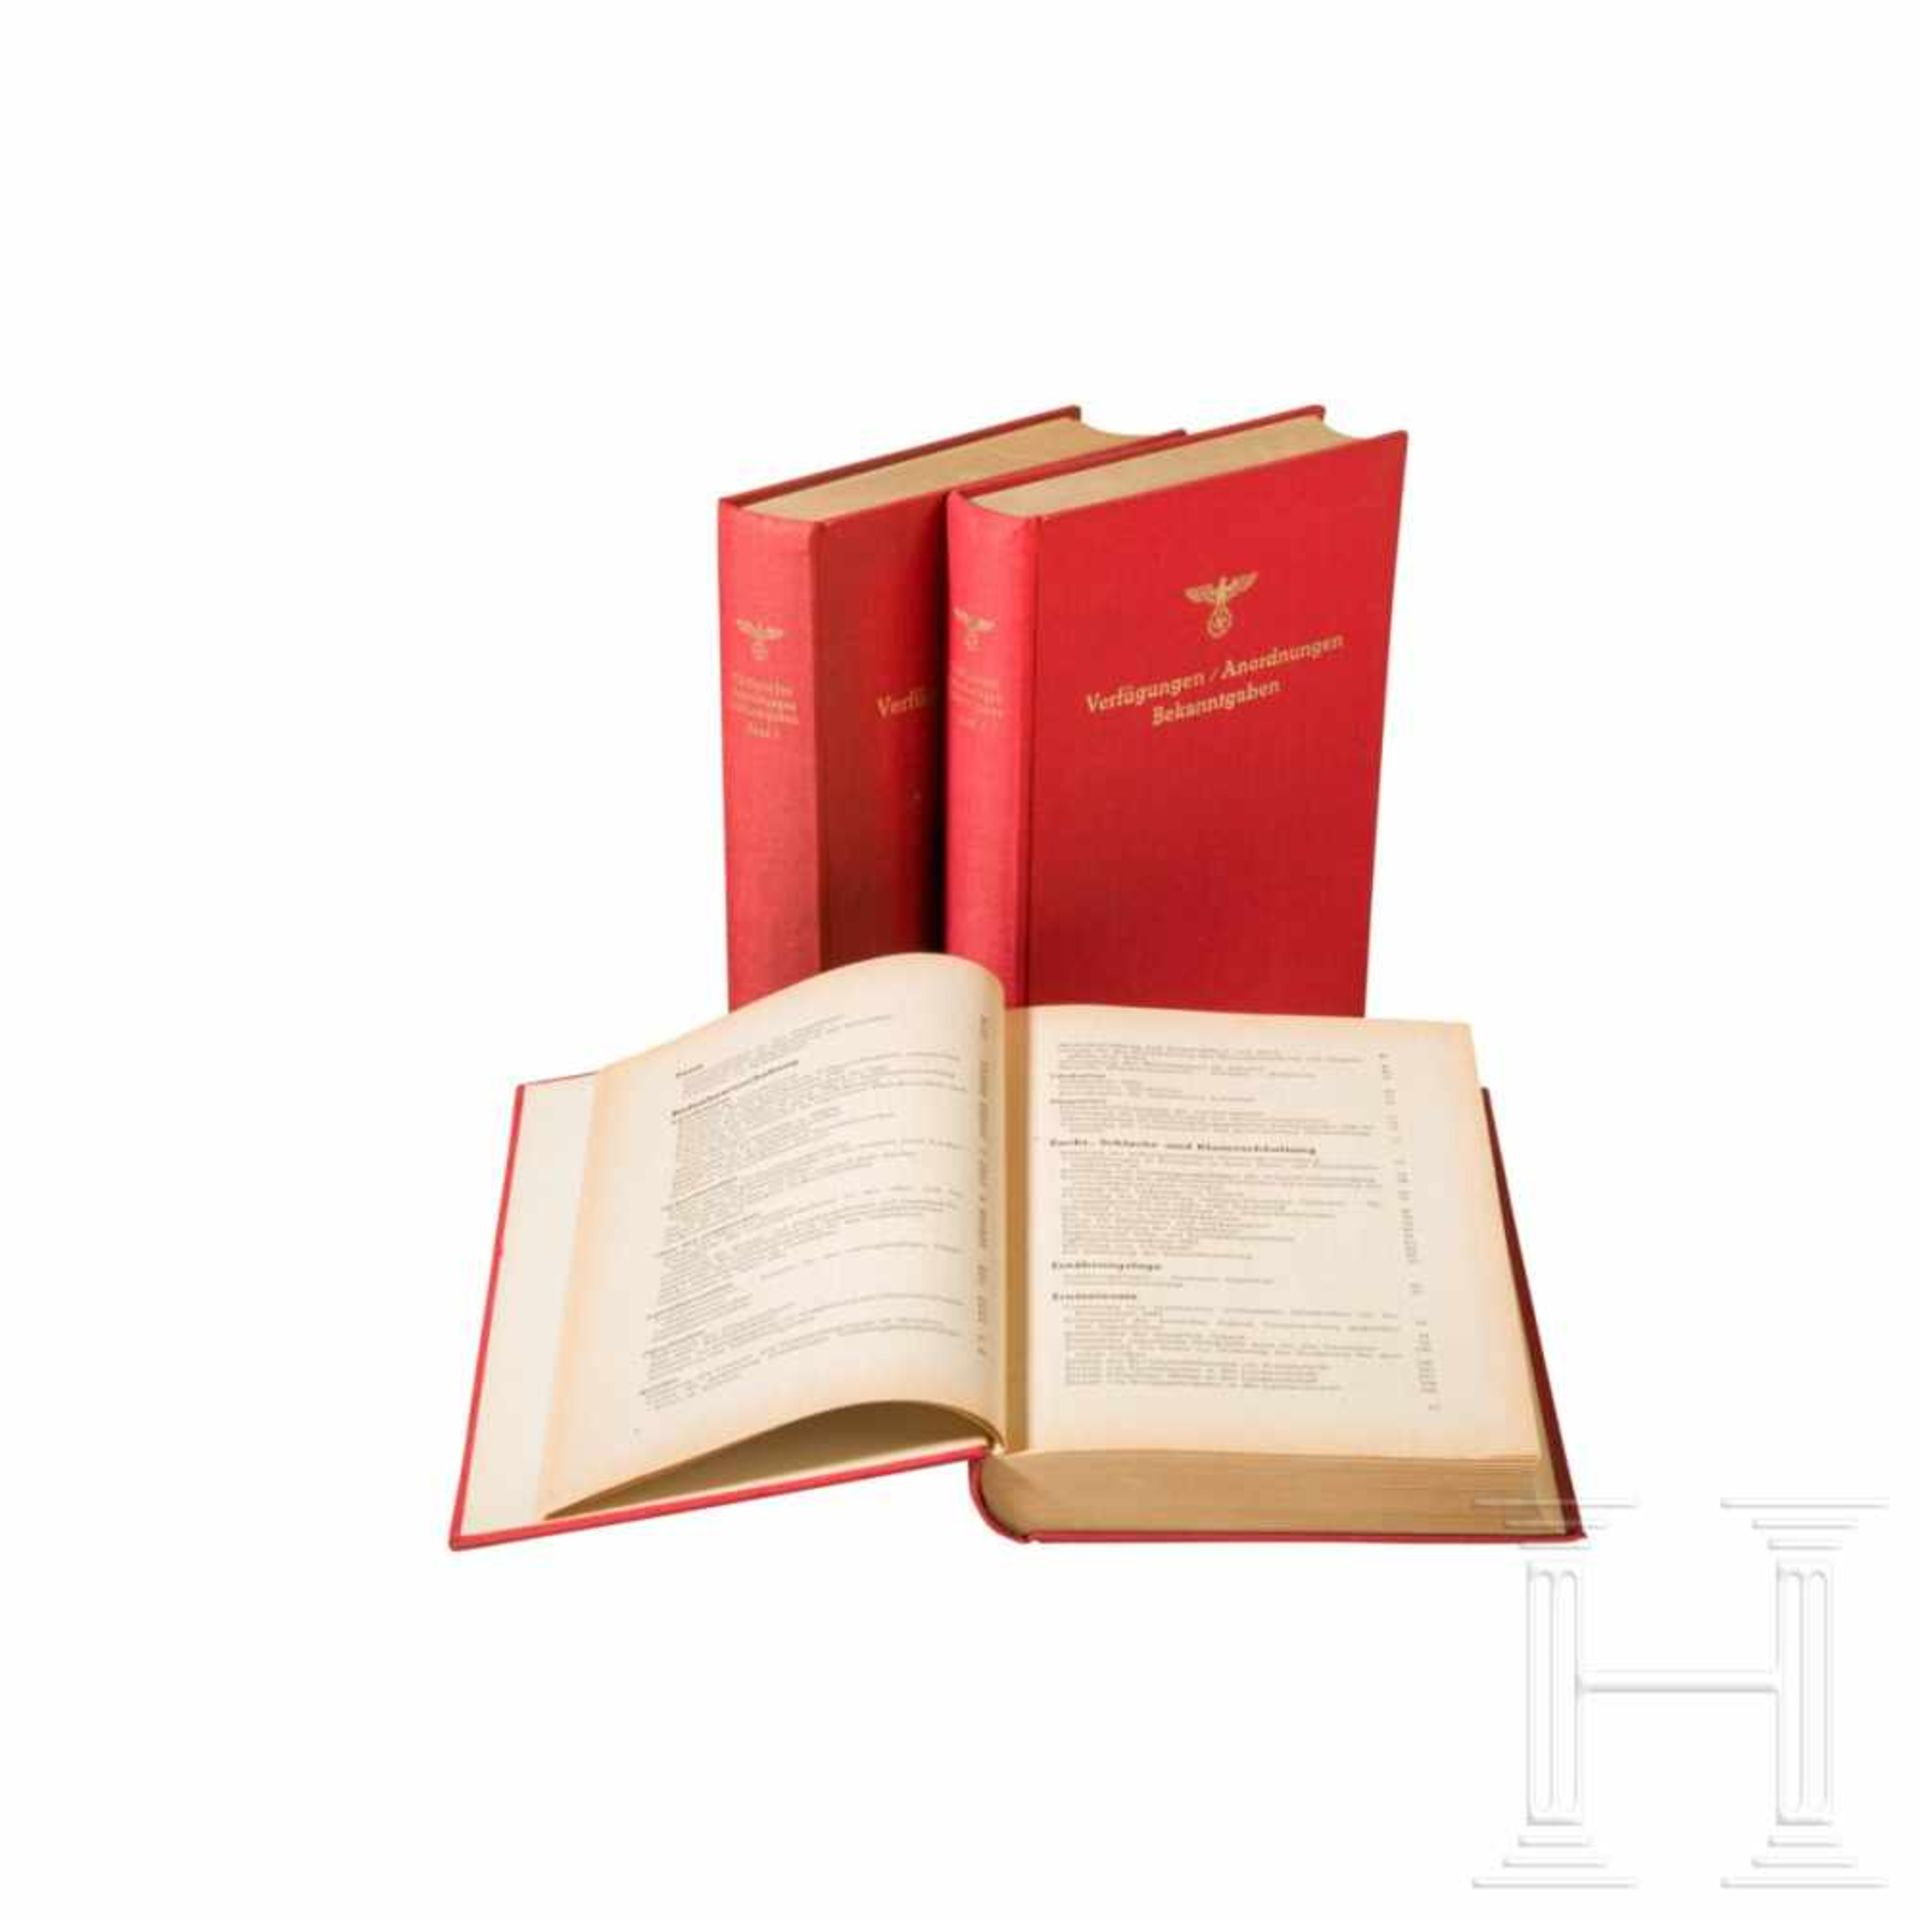 """Los 6010 - """"Verfügungen - Anordnungen - Bekanntgaben"""", Band I bis III, herausgegeben von der Partei-"""